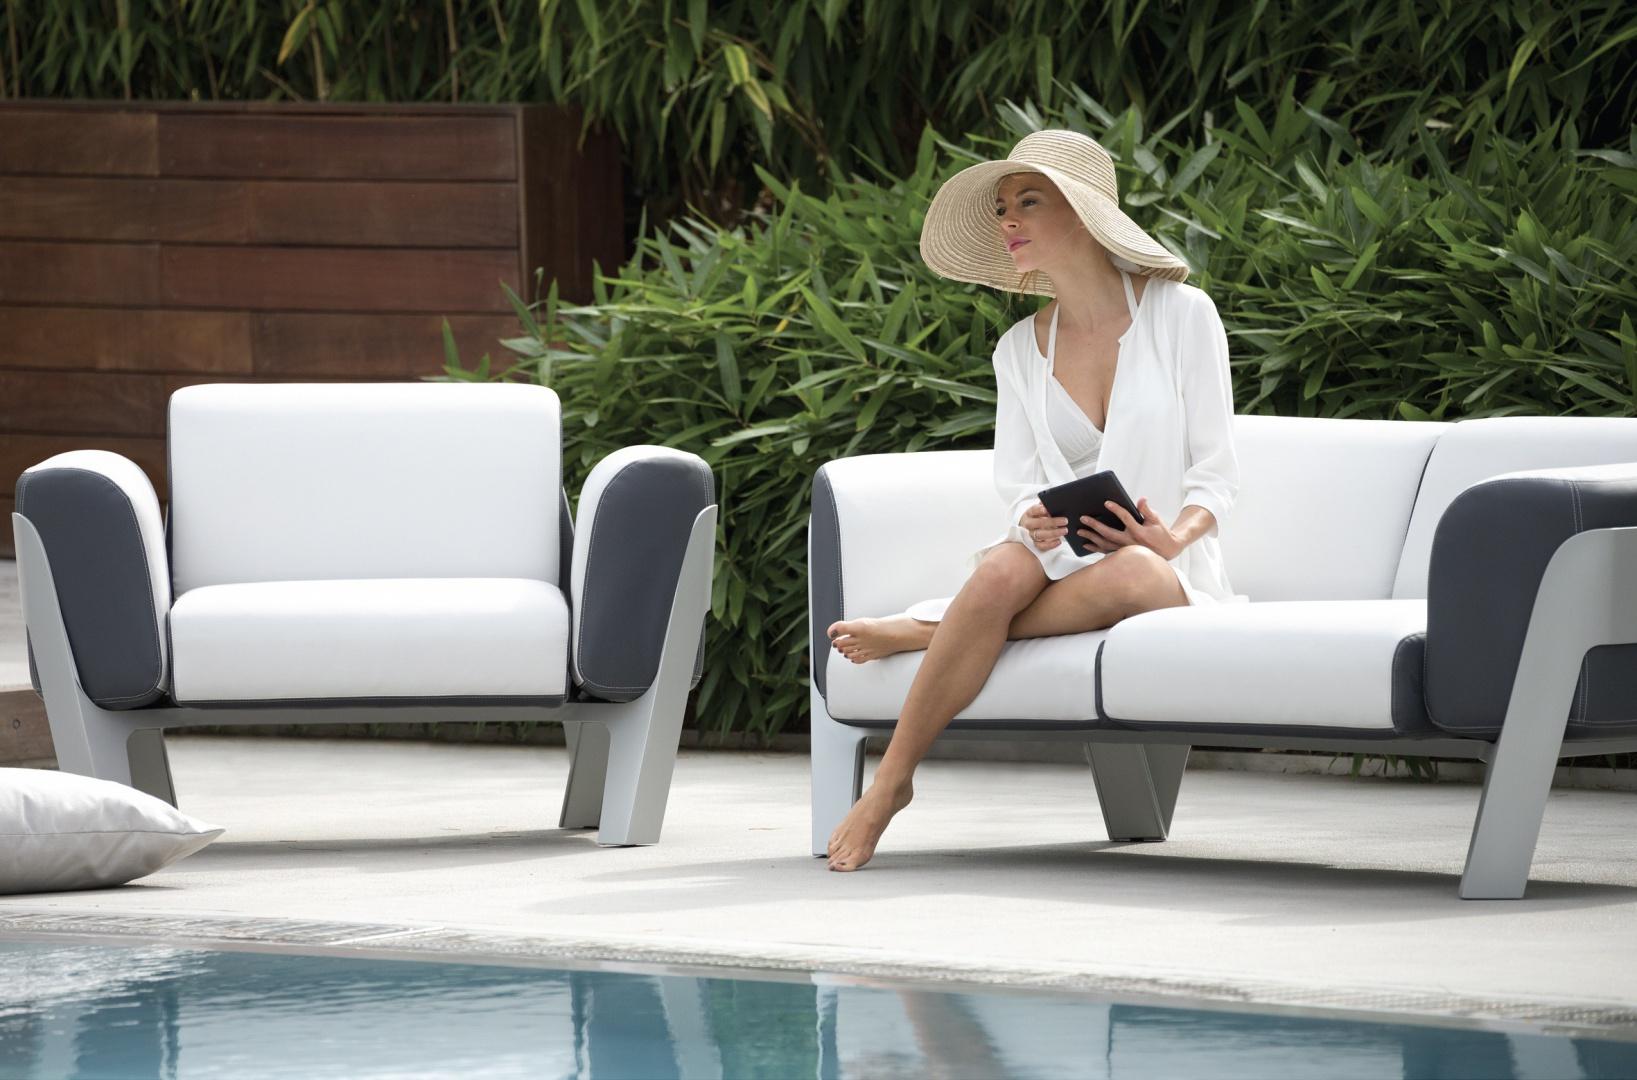 Mała i średnia sofa w klasycznym czarno-białym zestawieniu z kolekcji Bienvenue marki Ego Paris. Fot. Ego Paris.